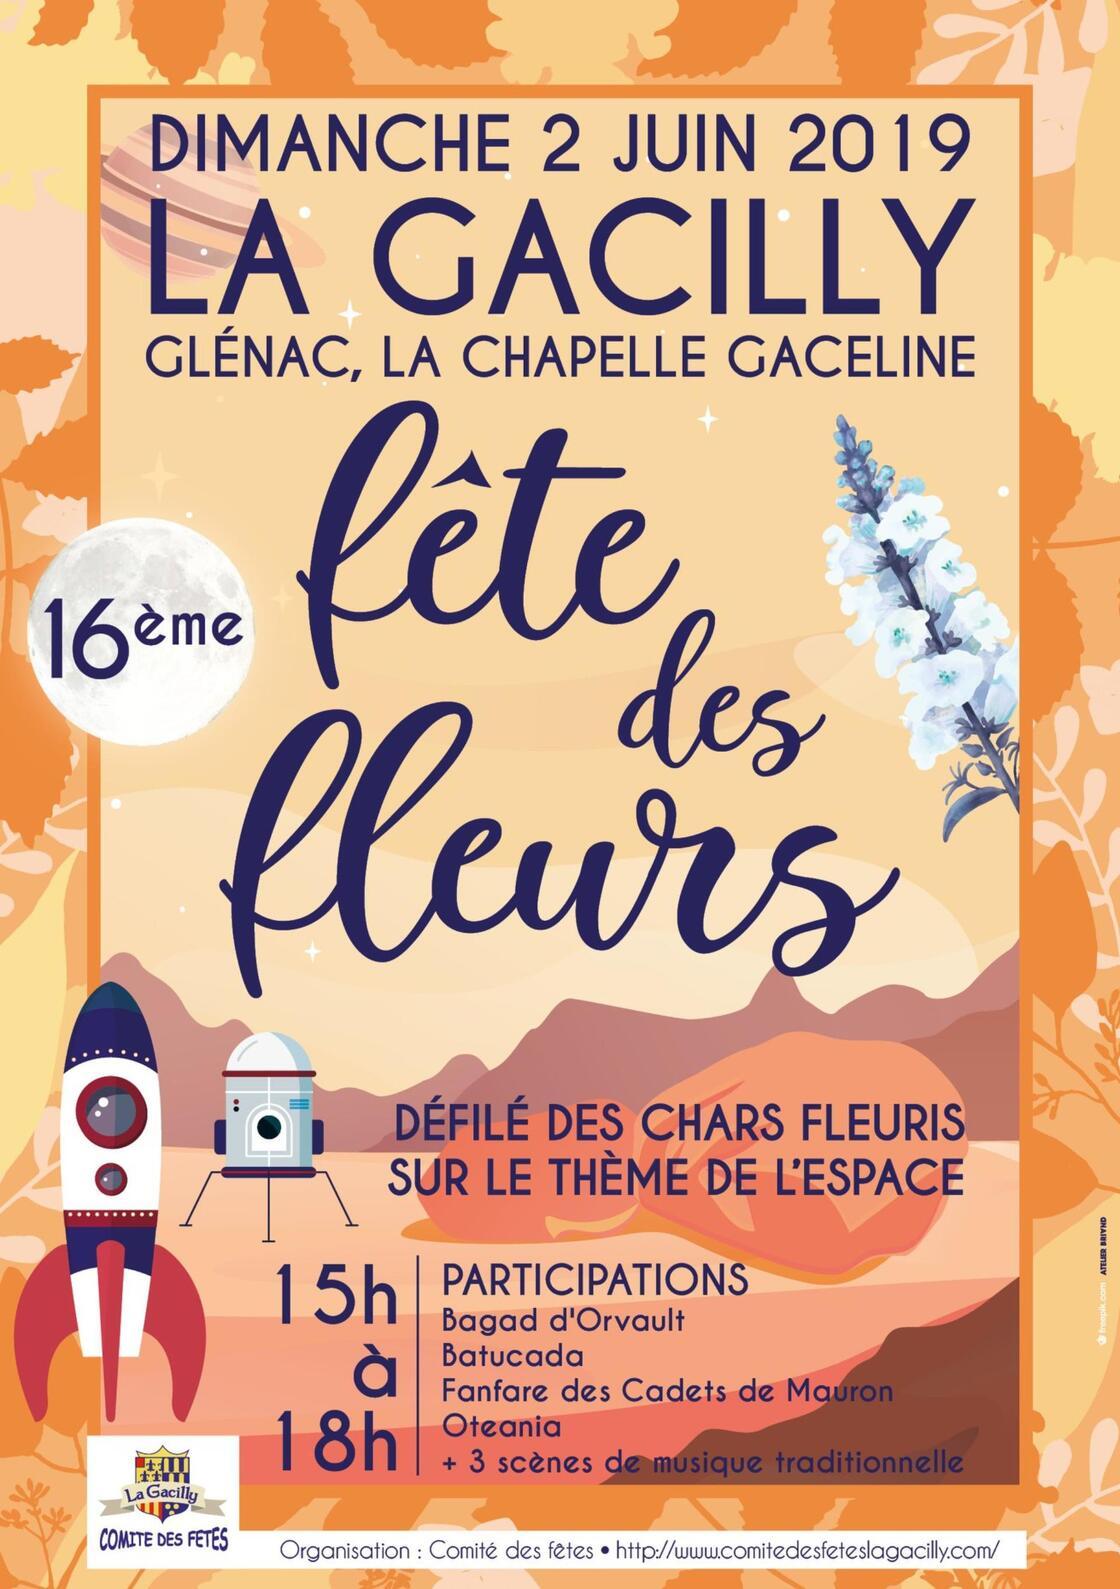 """Résultat de recherche d'images pour """"FETE DES FLEURS 02 JUIN LA GACILLY"""""""